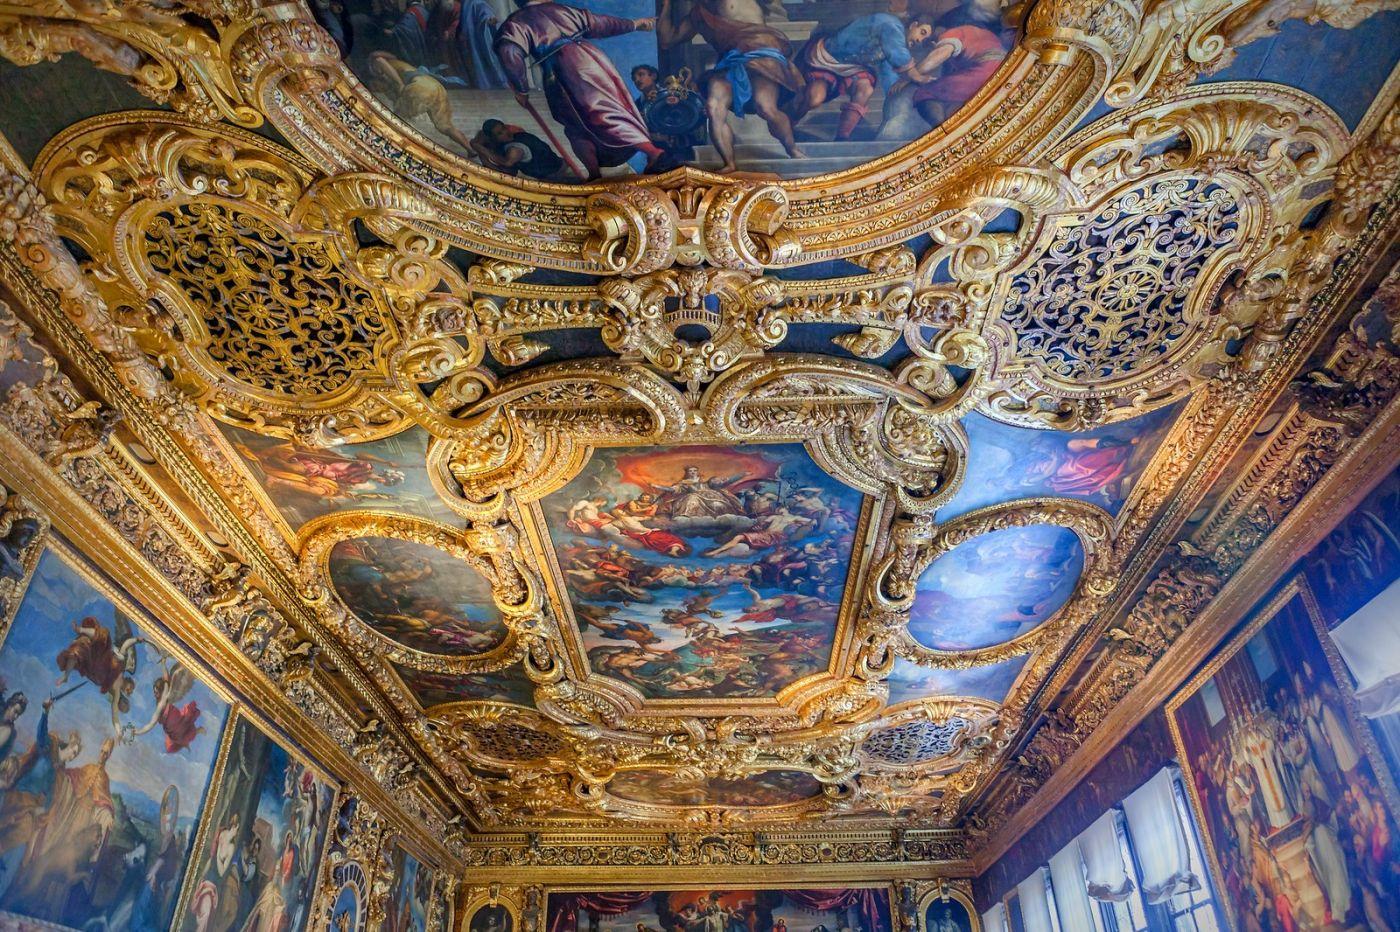 威尼斯圣马可大教堂(St Mark's Basilica), 精雕细琢的顶设_图1-1